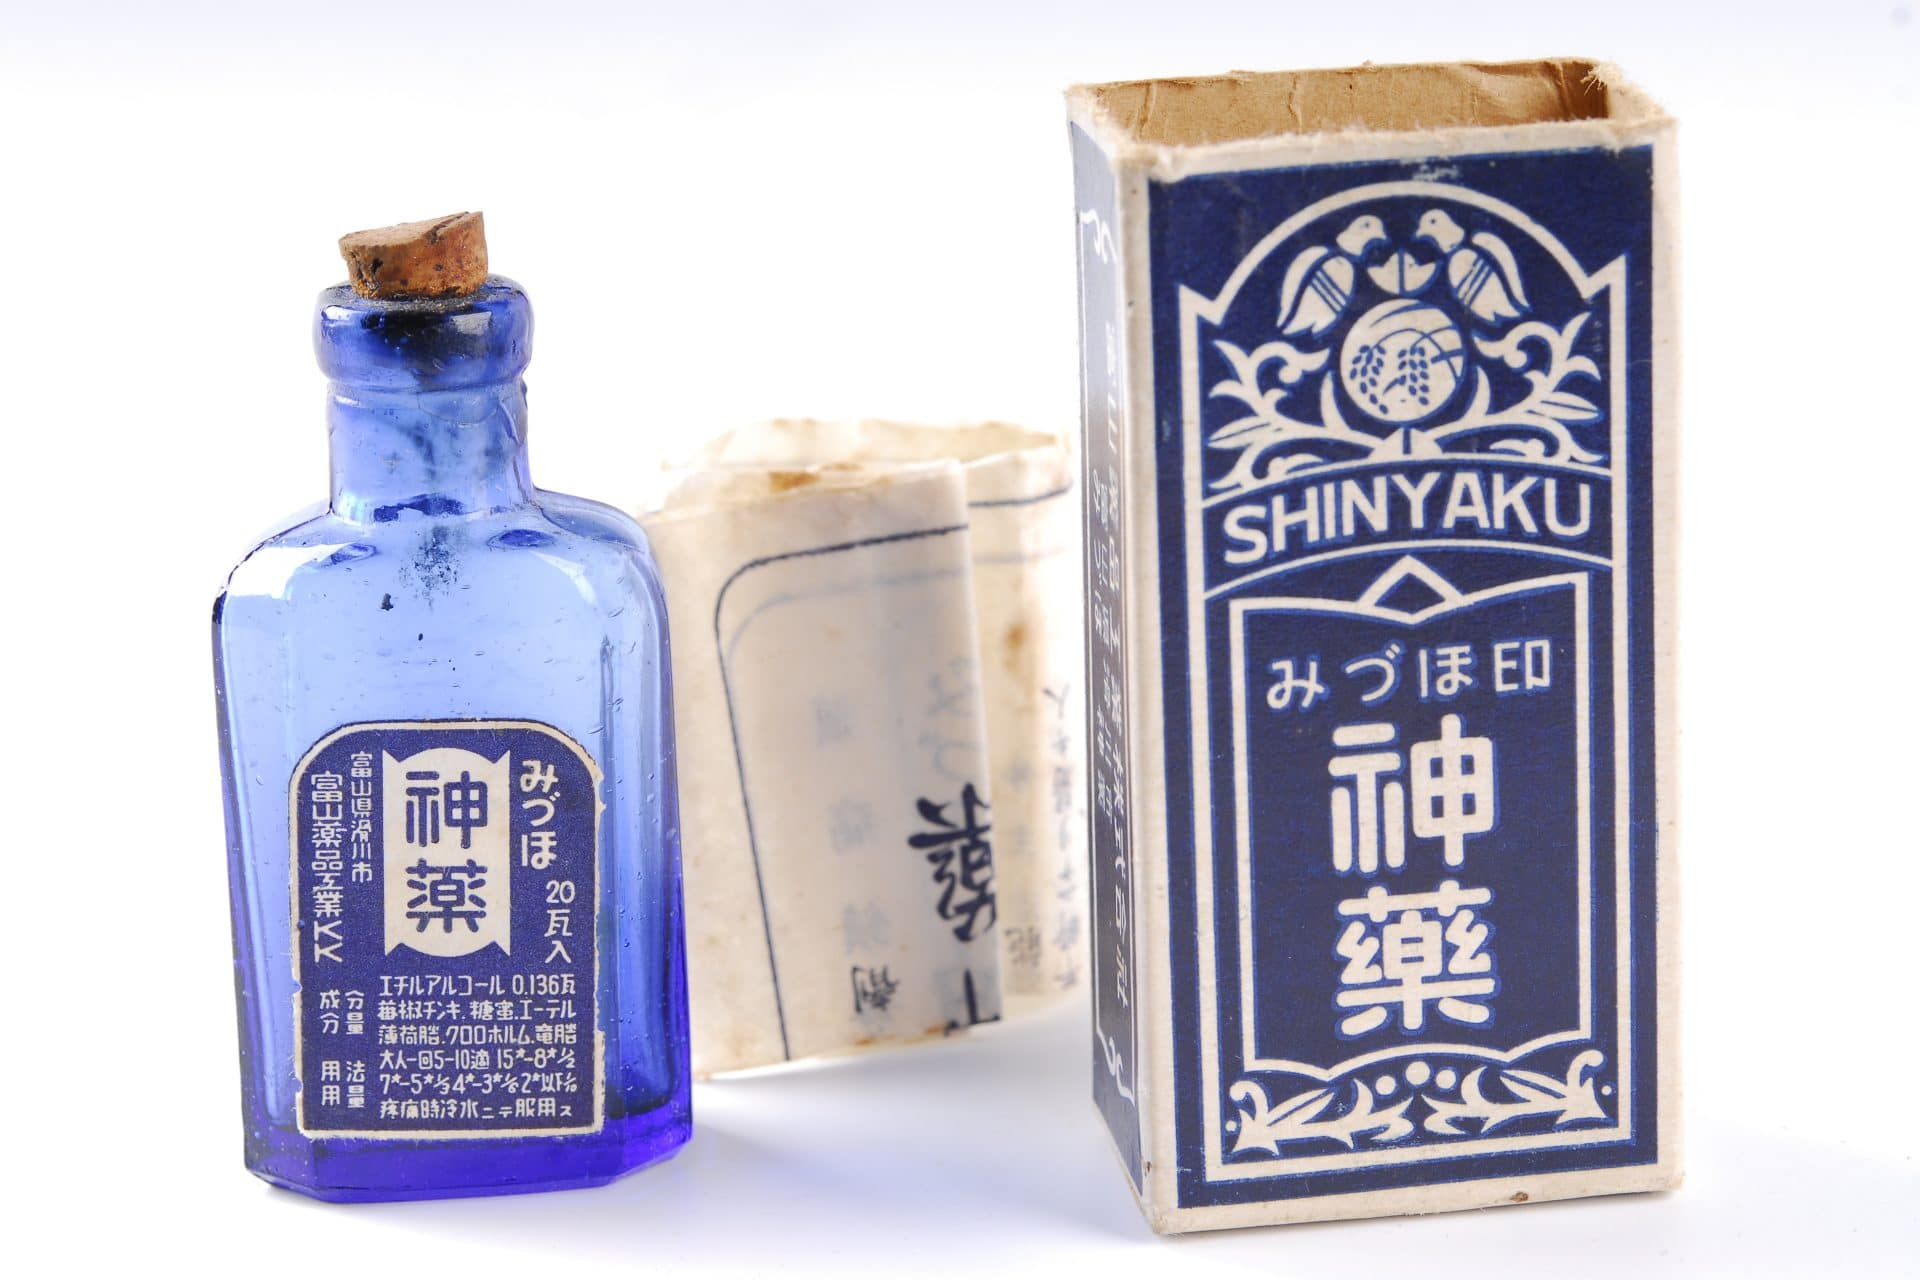 Antique Japanese medicine bottle.